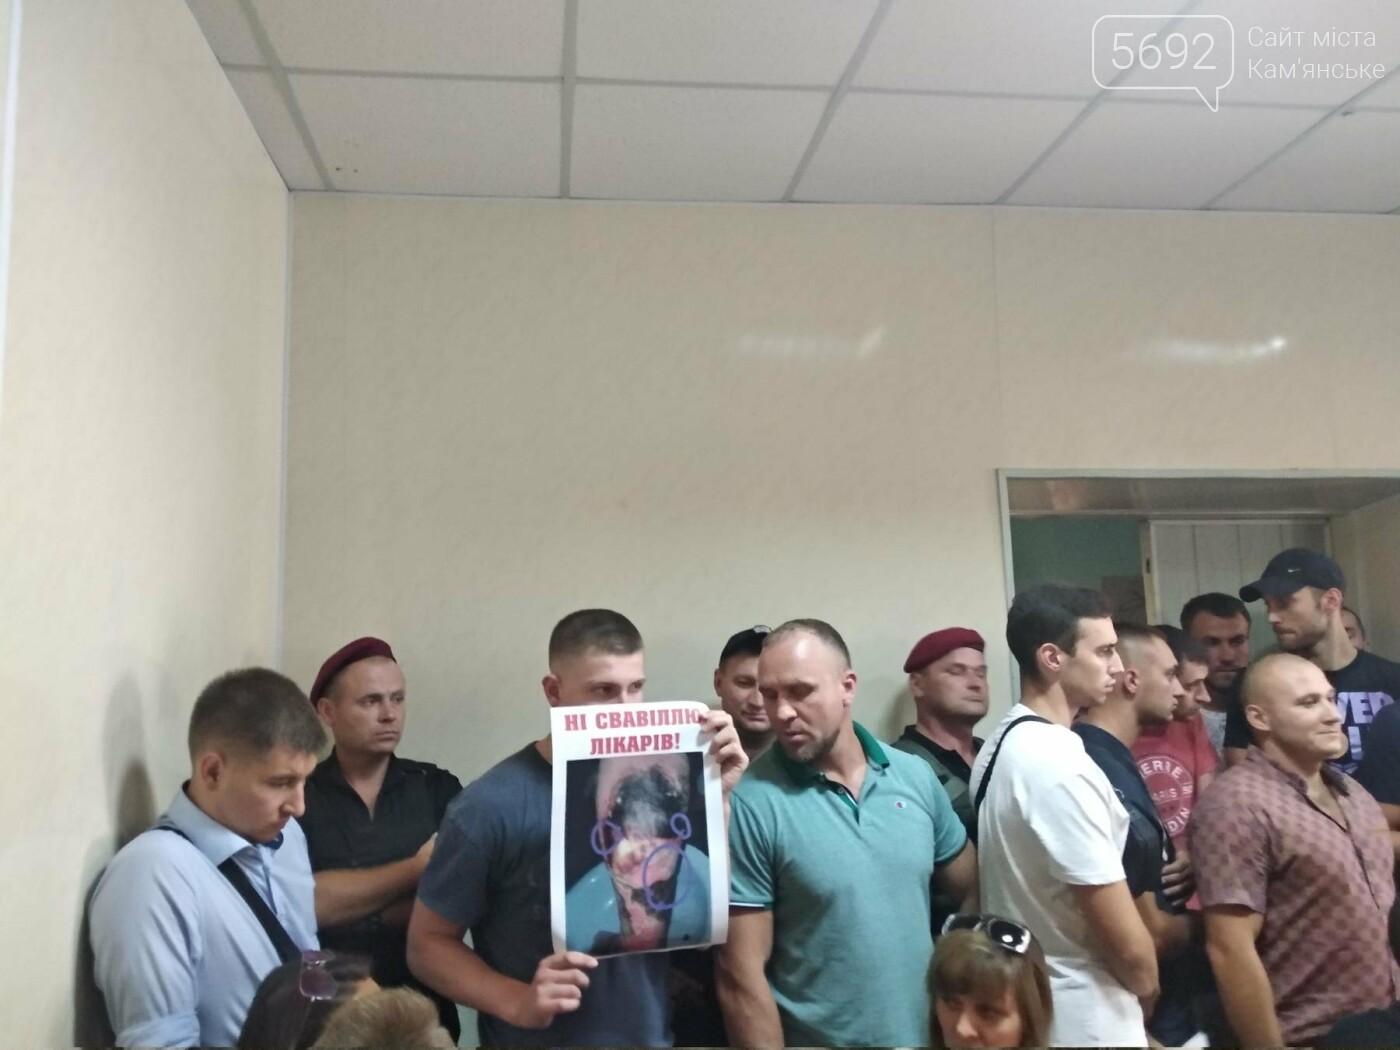 Дело об избиении врача: в Каменском за хулиганство суд избрал меру пресечения для Евгения Найды, фото-4